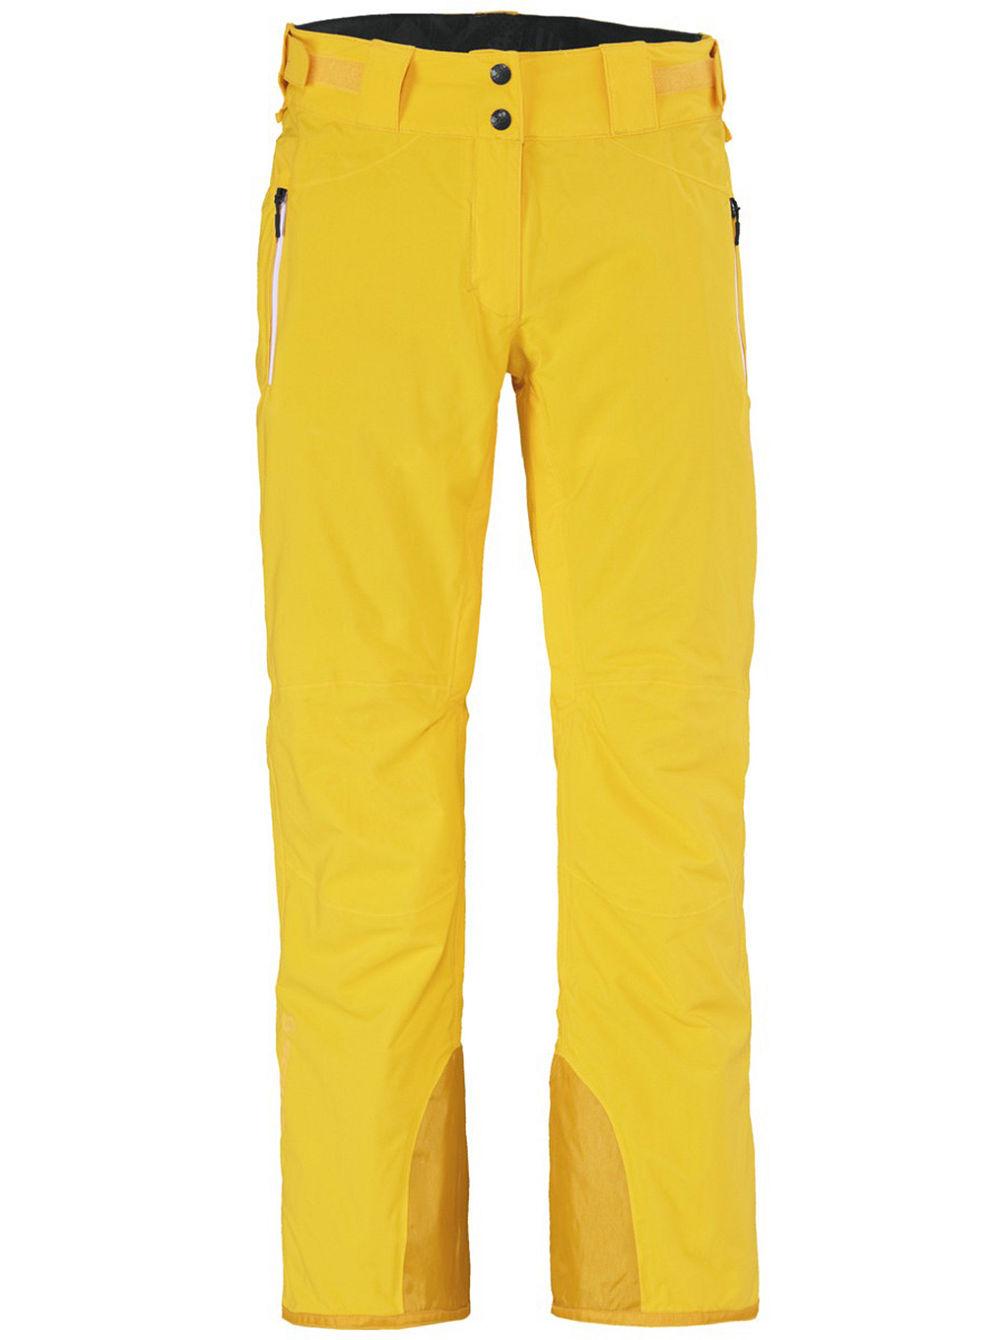 academy-pants